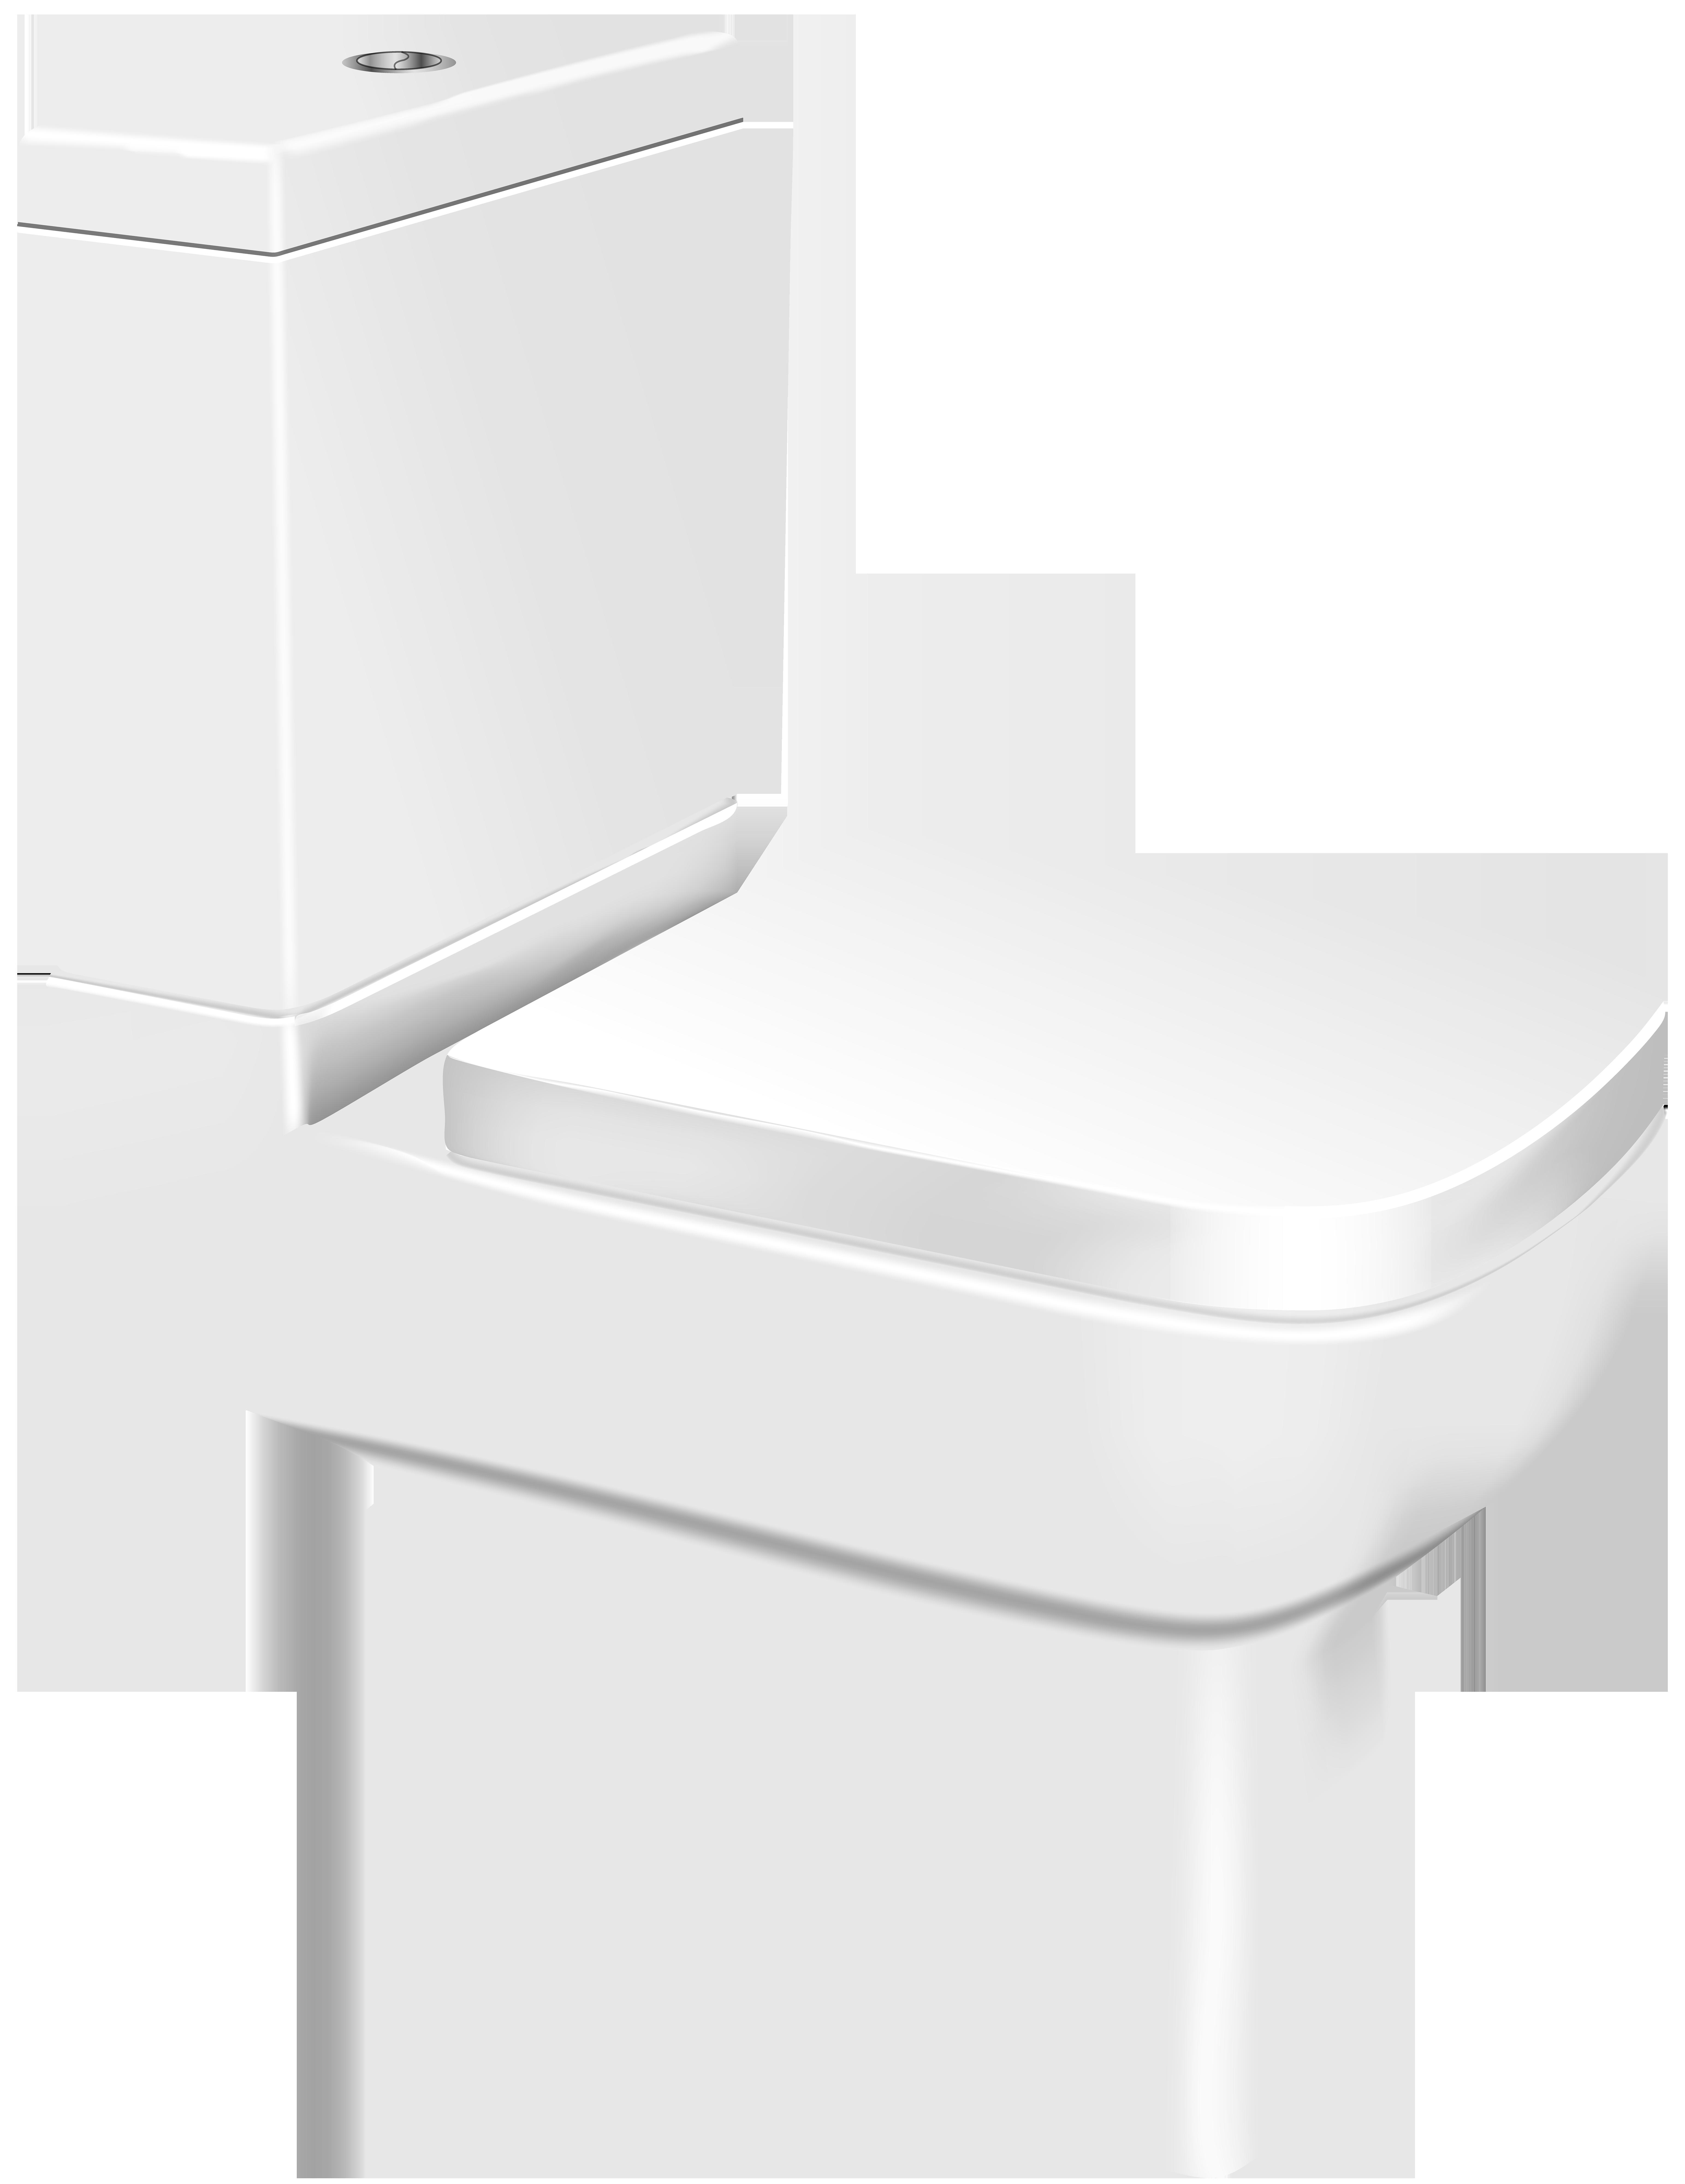 White Toilet PNG Clip Art - Best WEB Clipart graphic transparent